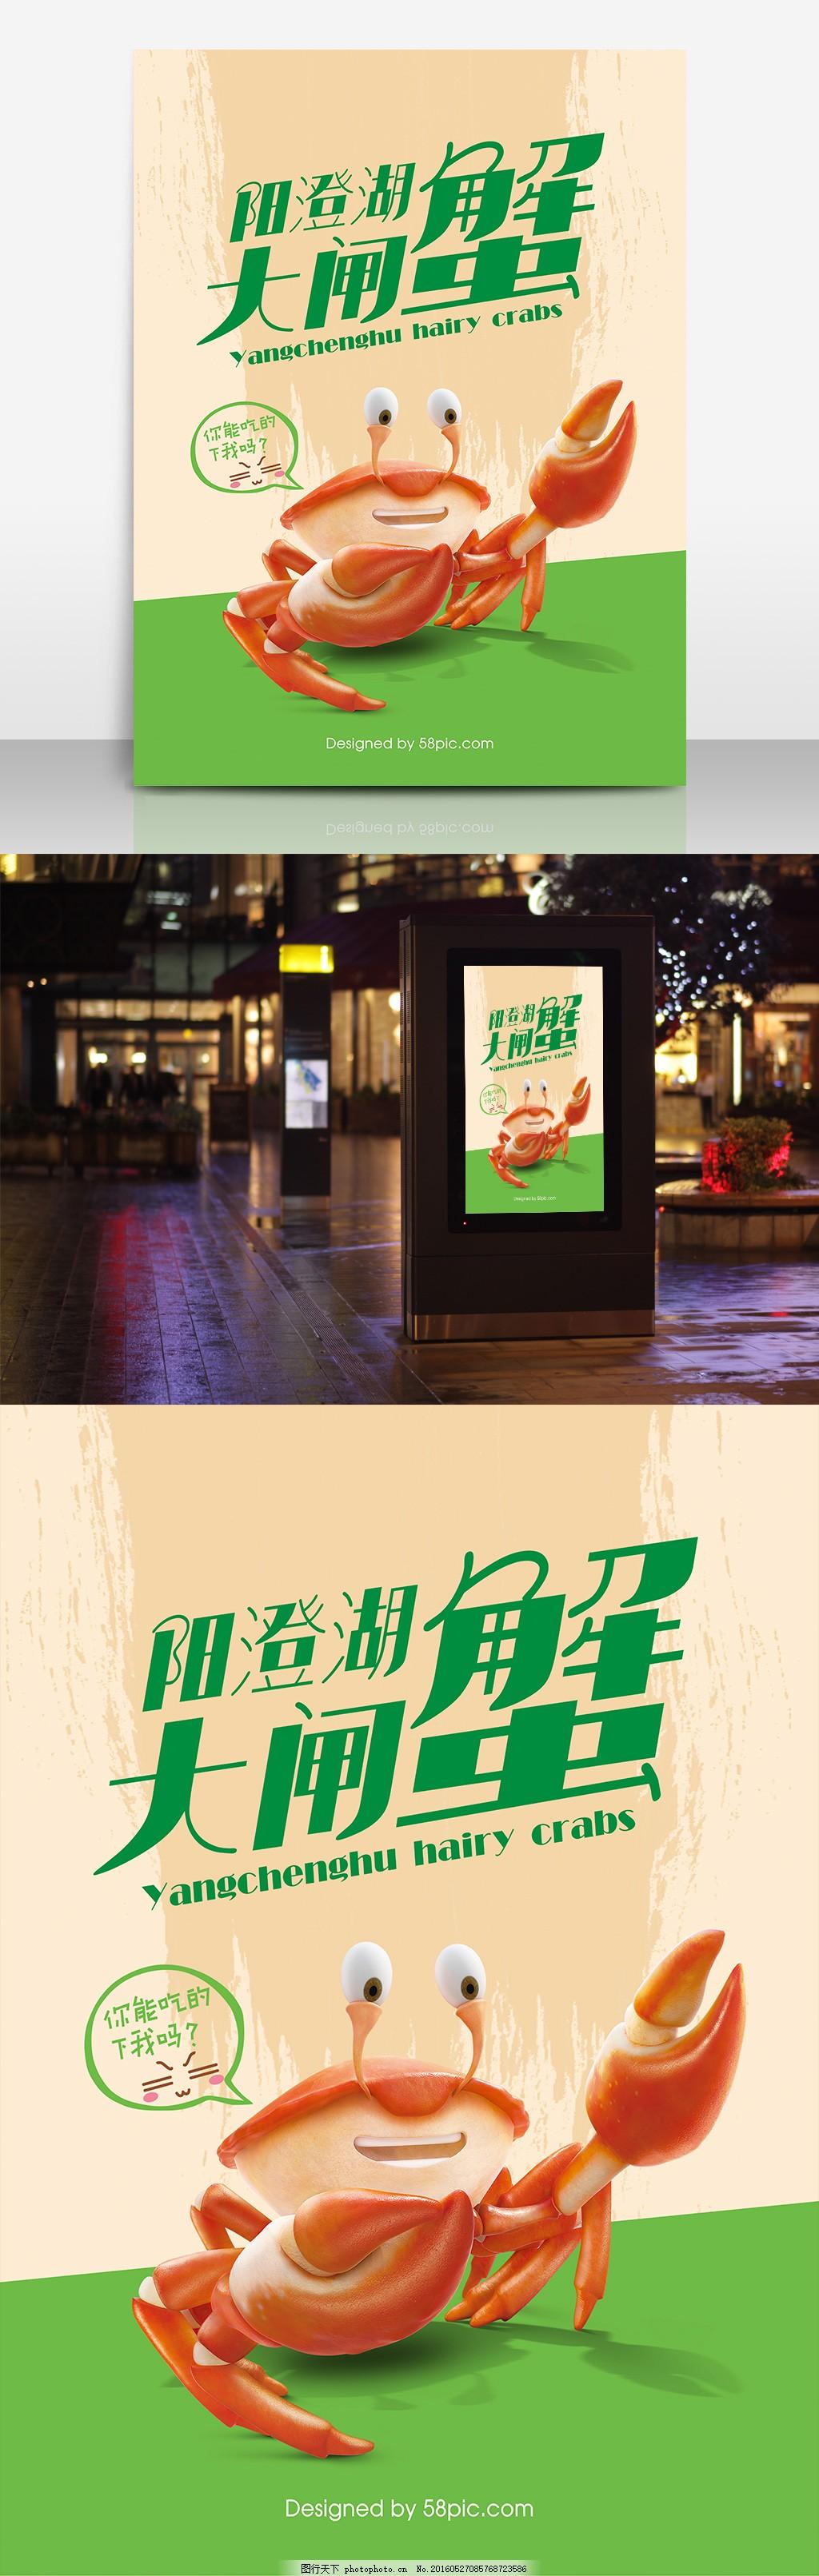 手绘创意大闸蟹品牌宣传海报